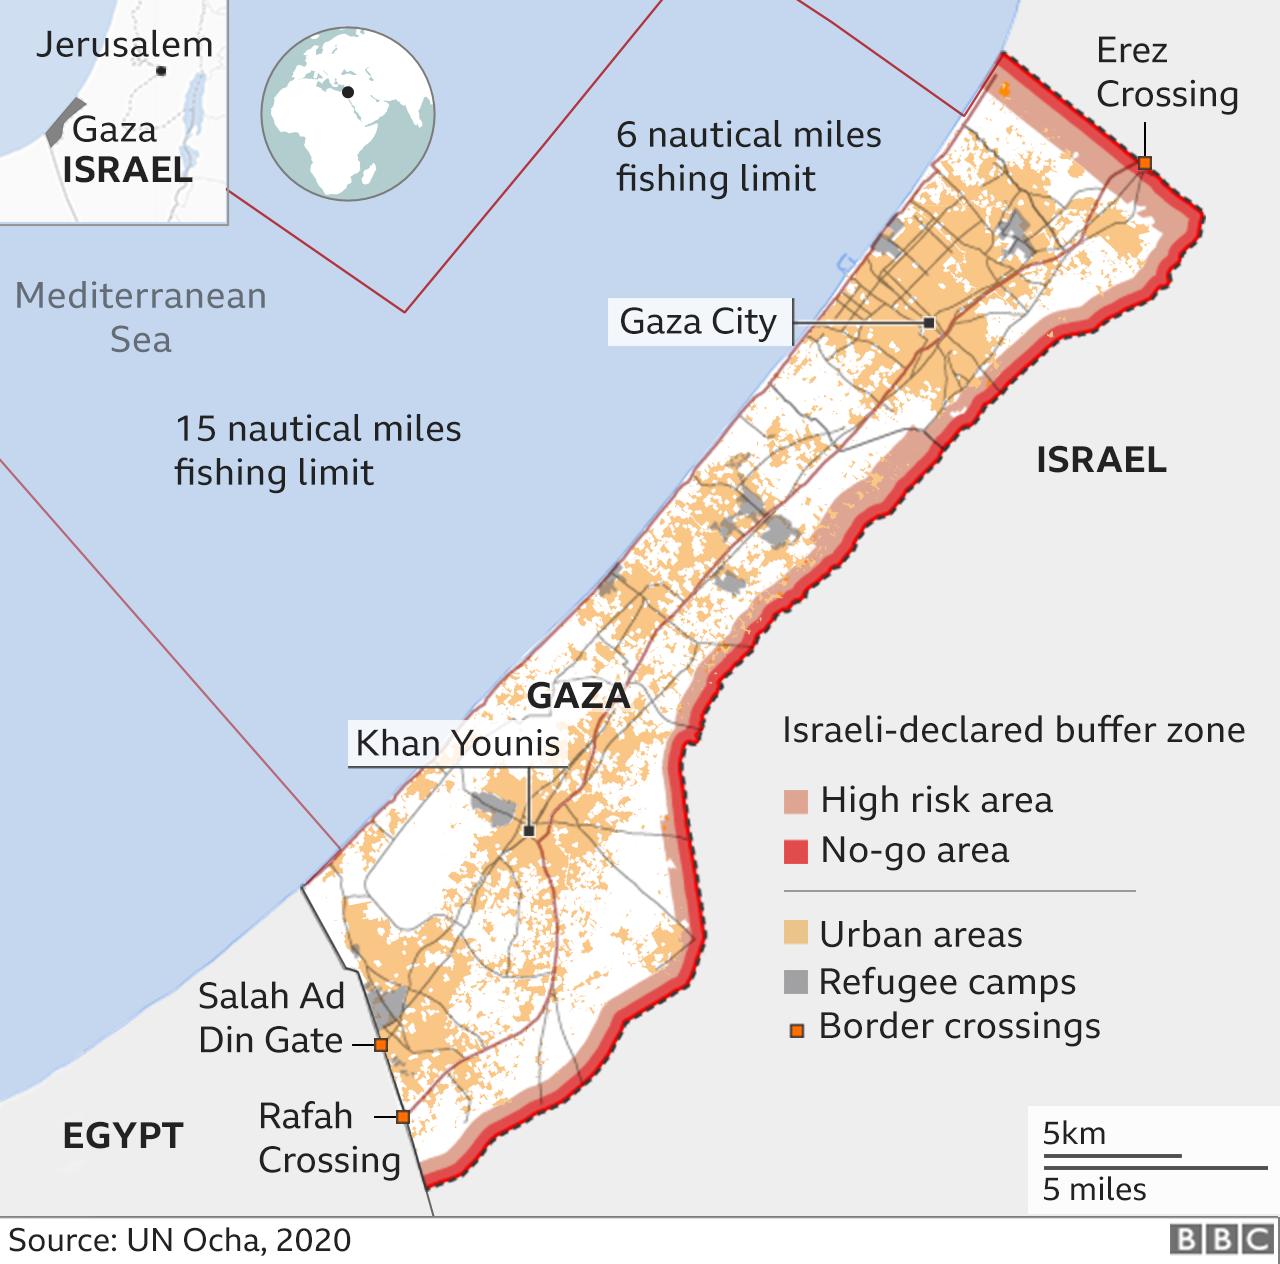 Map of Gaza